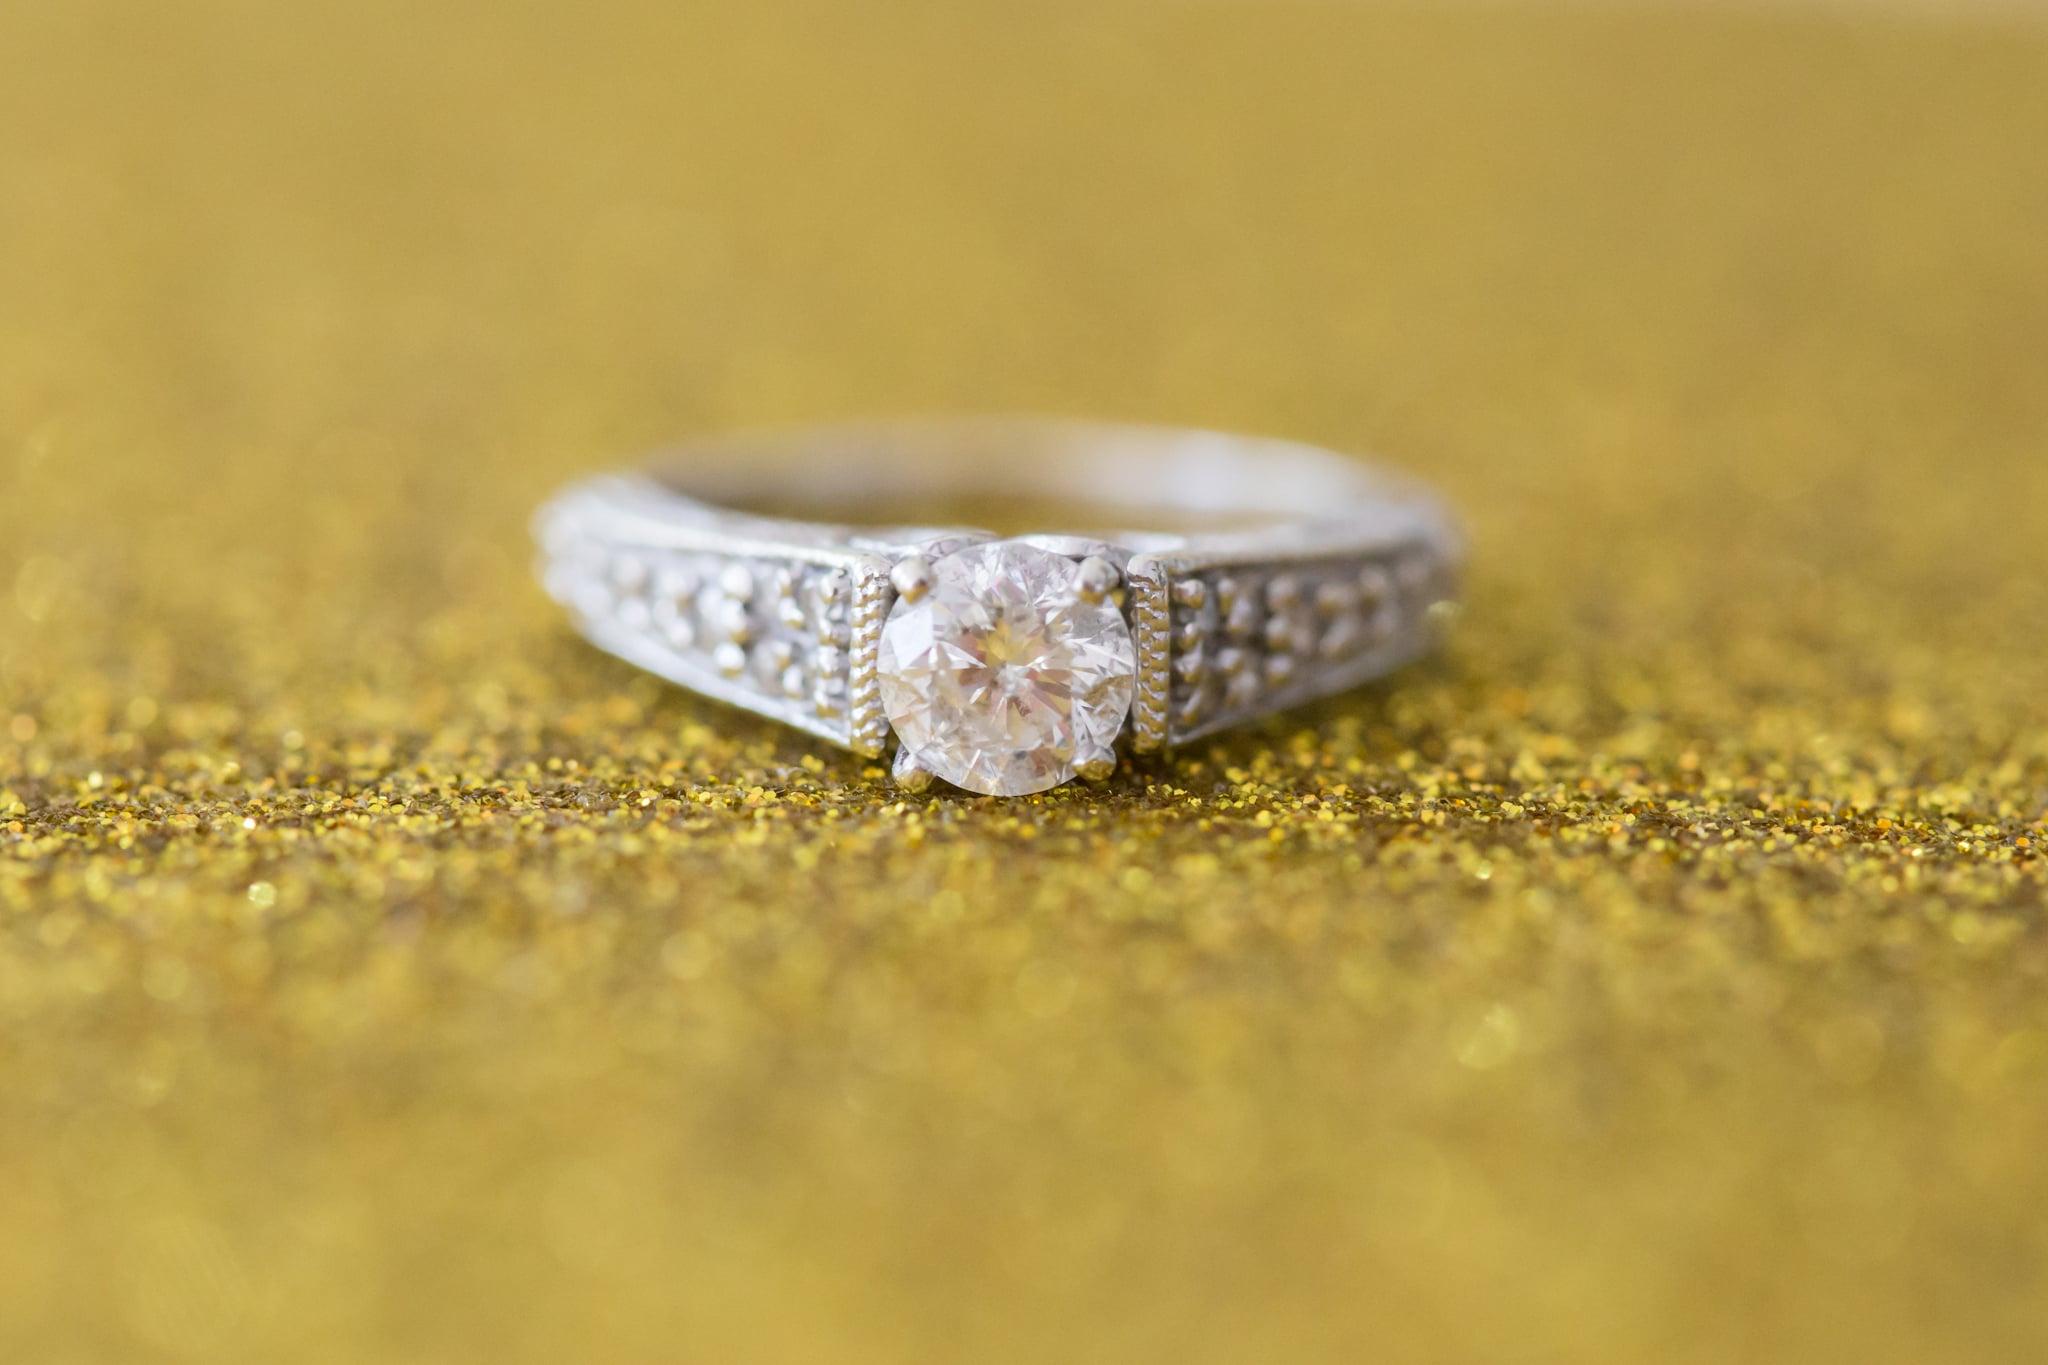 Shaina Lee Photography | Connecticut Wedding Photographer | Engagement Photography